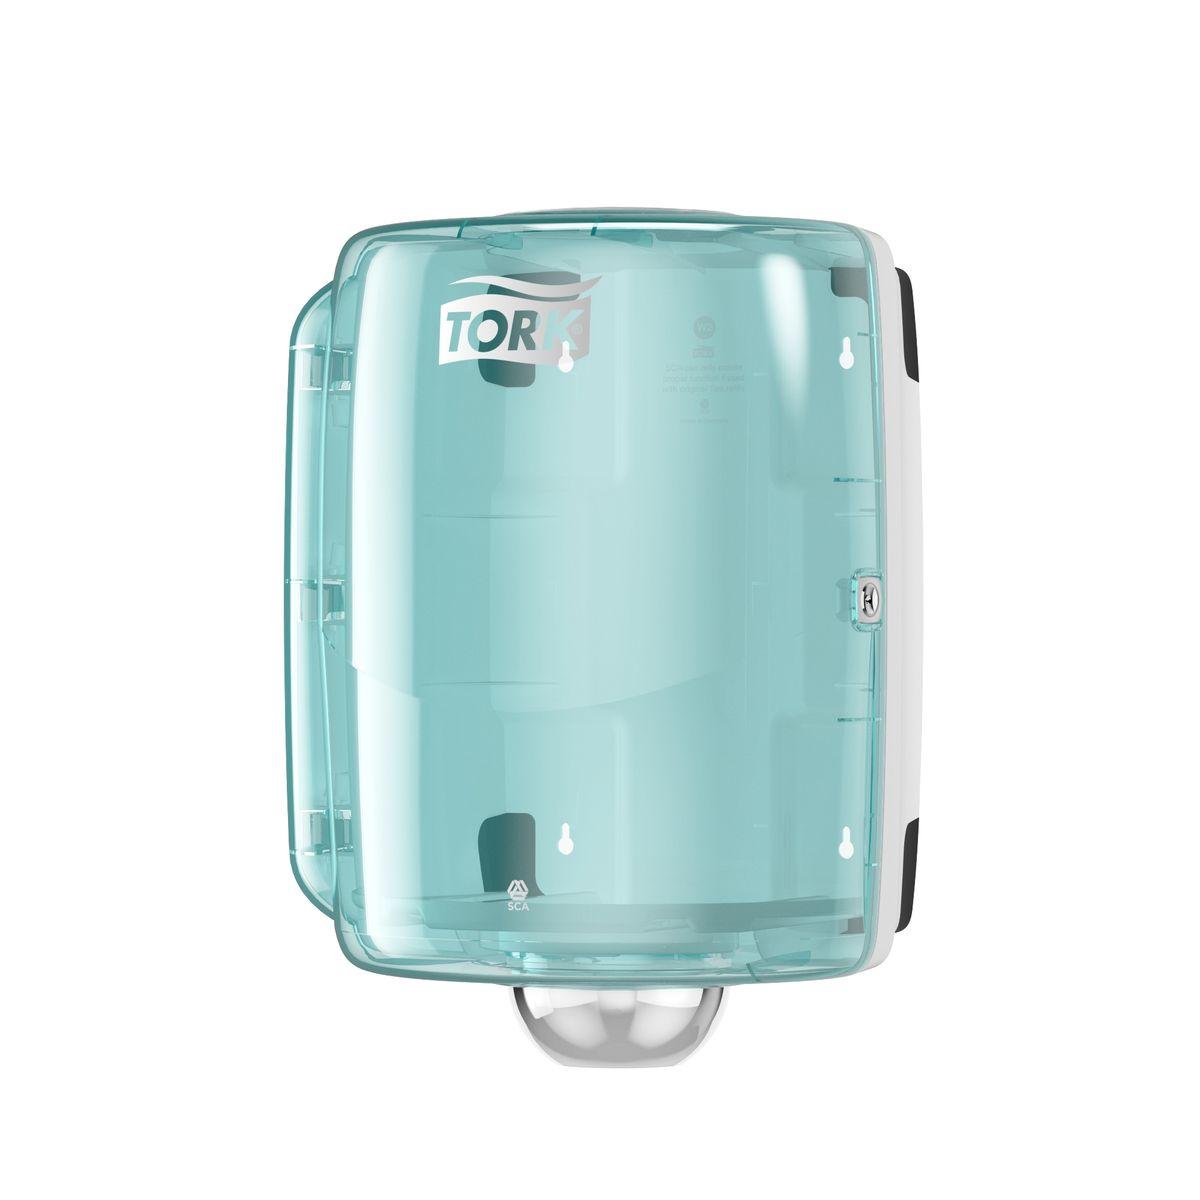 Диспенсер для туалетной бумаги Tork, цвет: белый . 653000653000Система W2.Серия Performance.Идеально подходит для пищевого производства, ресторанной кухни и промышленных зон.- Повышенная емкость- Защита рулона от попадания брызг- Широкий выбор расходных материалов- Возможность крепления к стене для экономии места